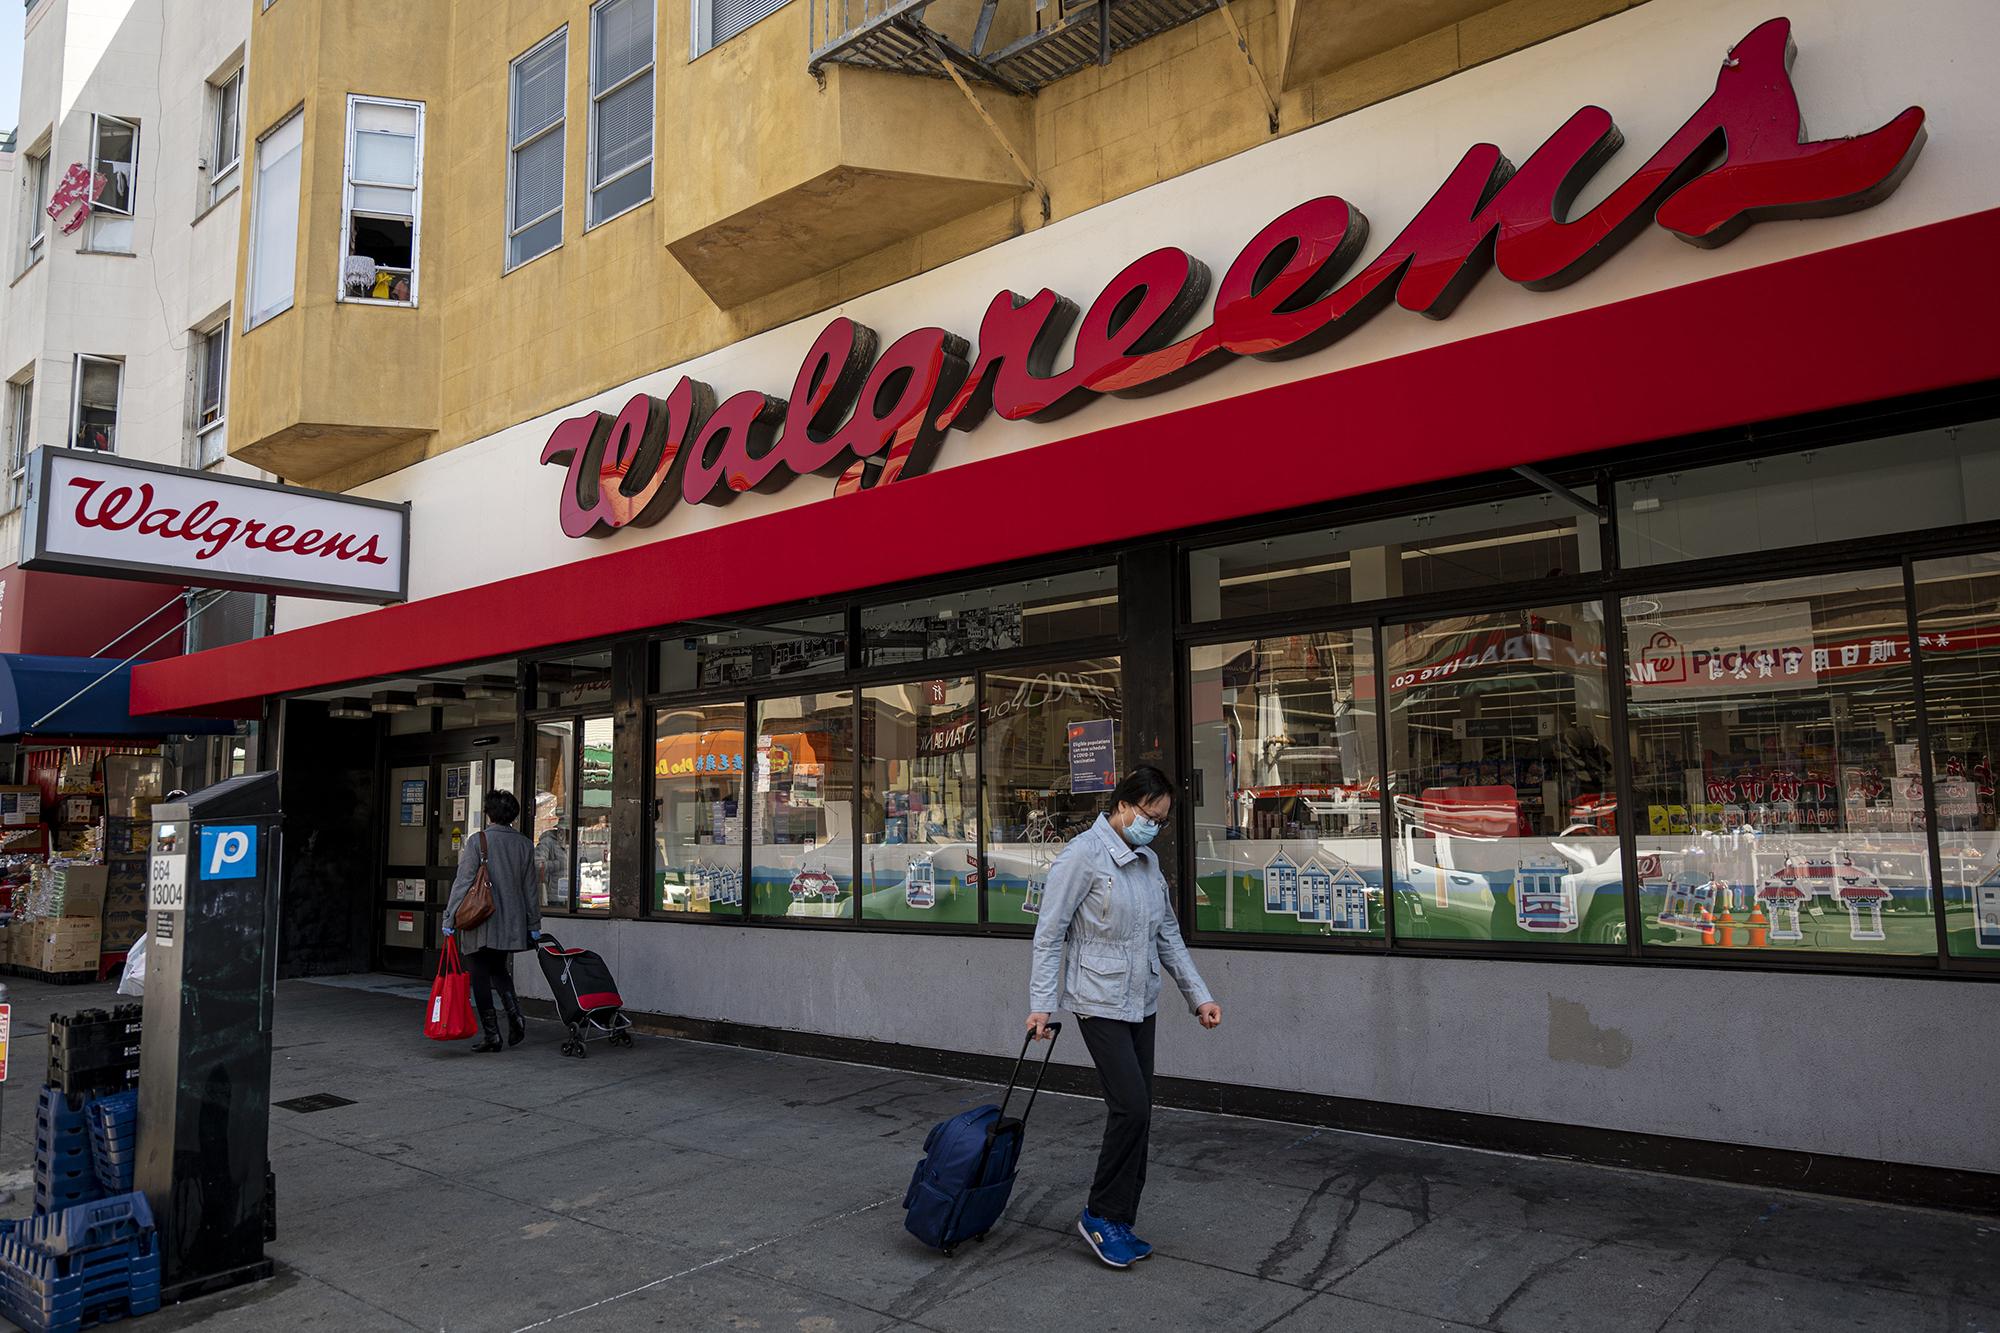 今日起Walgreens为接种疫苗提供25美元的现金奖励